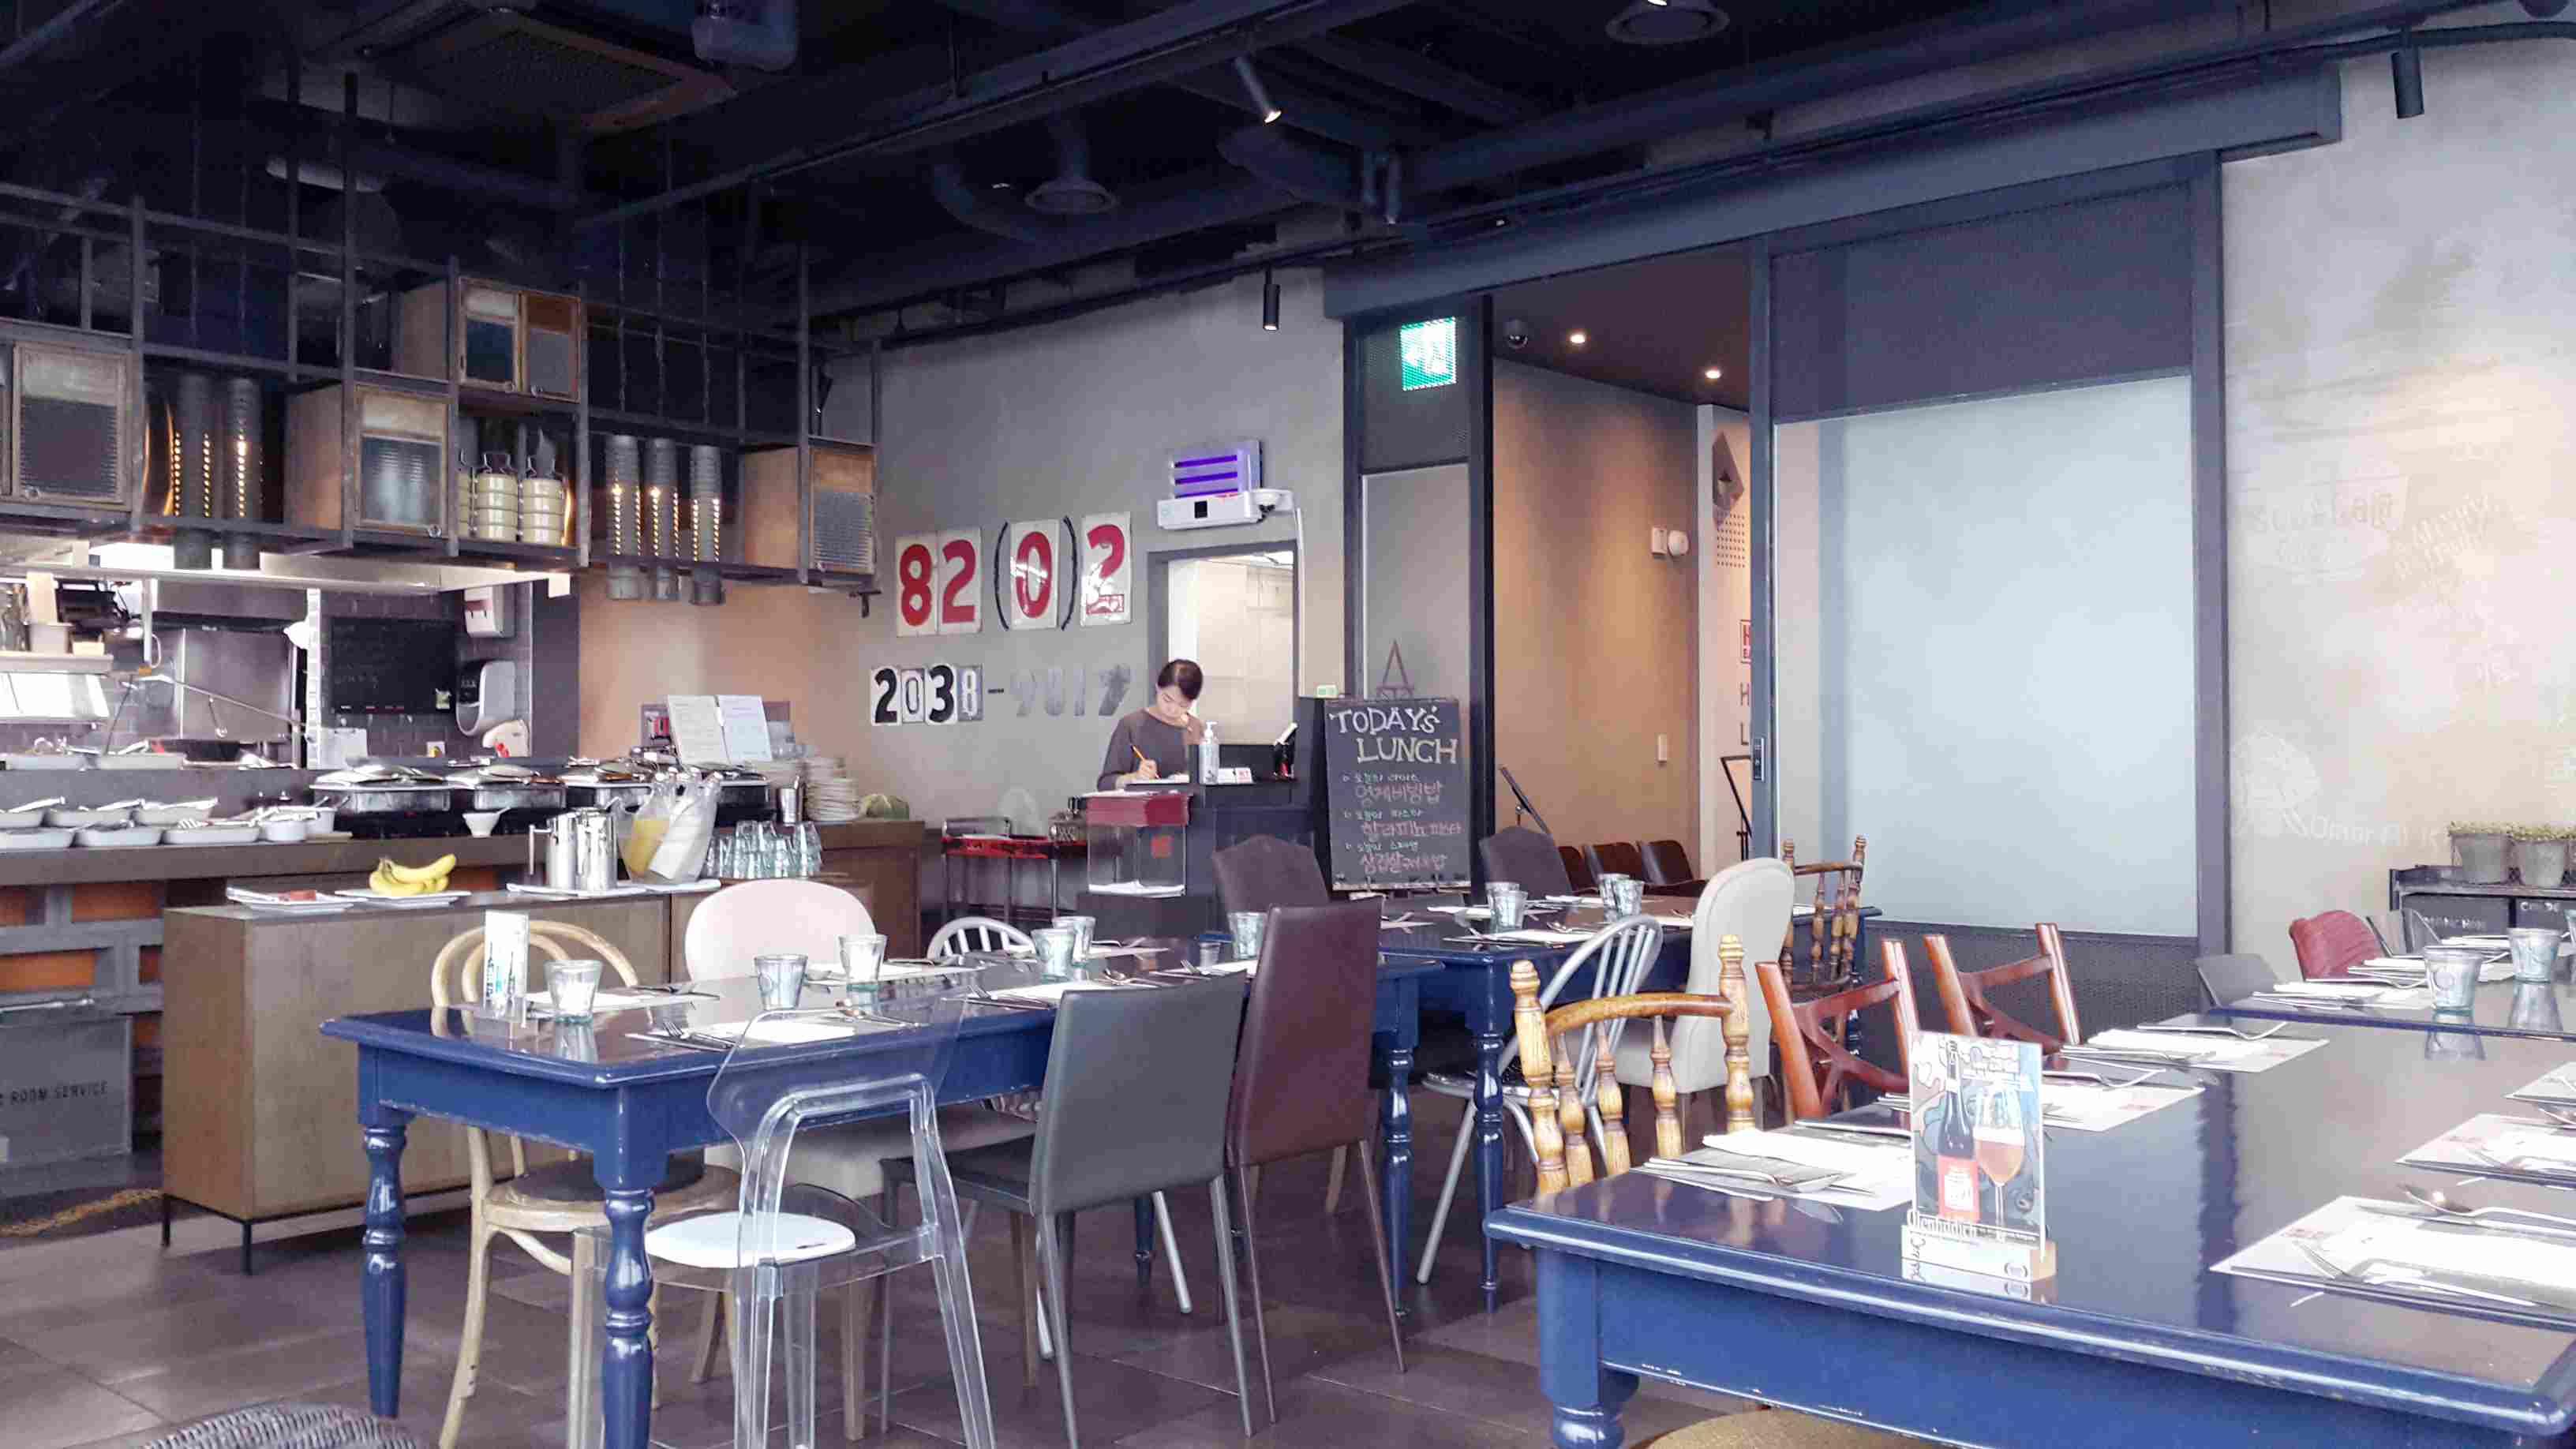 除了以上的位置適合打卡以外,17樓的餐廳也是能拍出很有格調照片的地方喔!